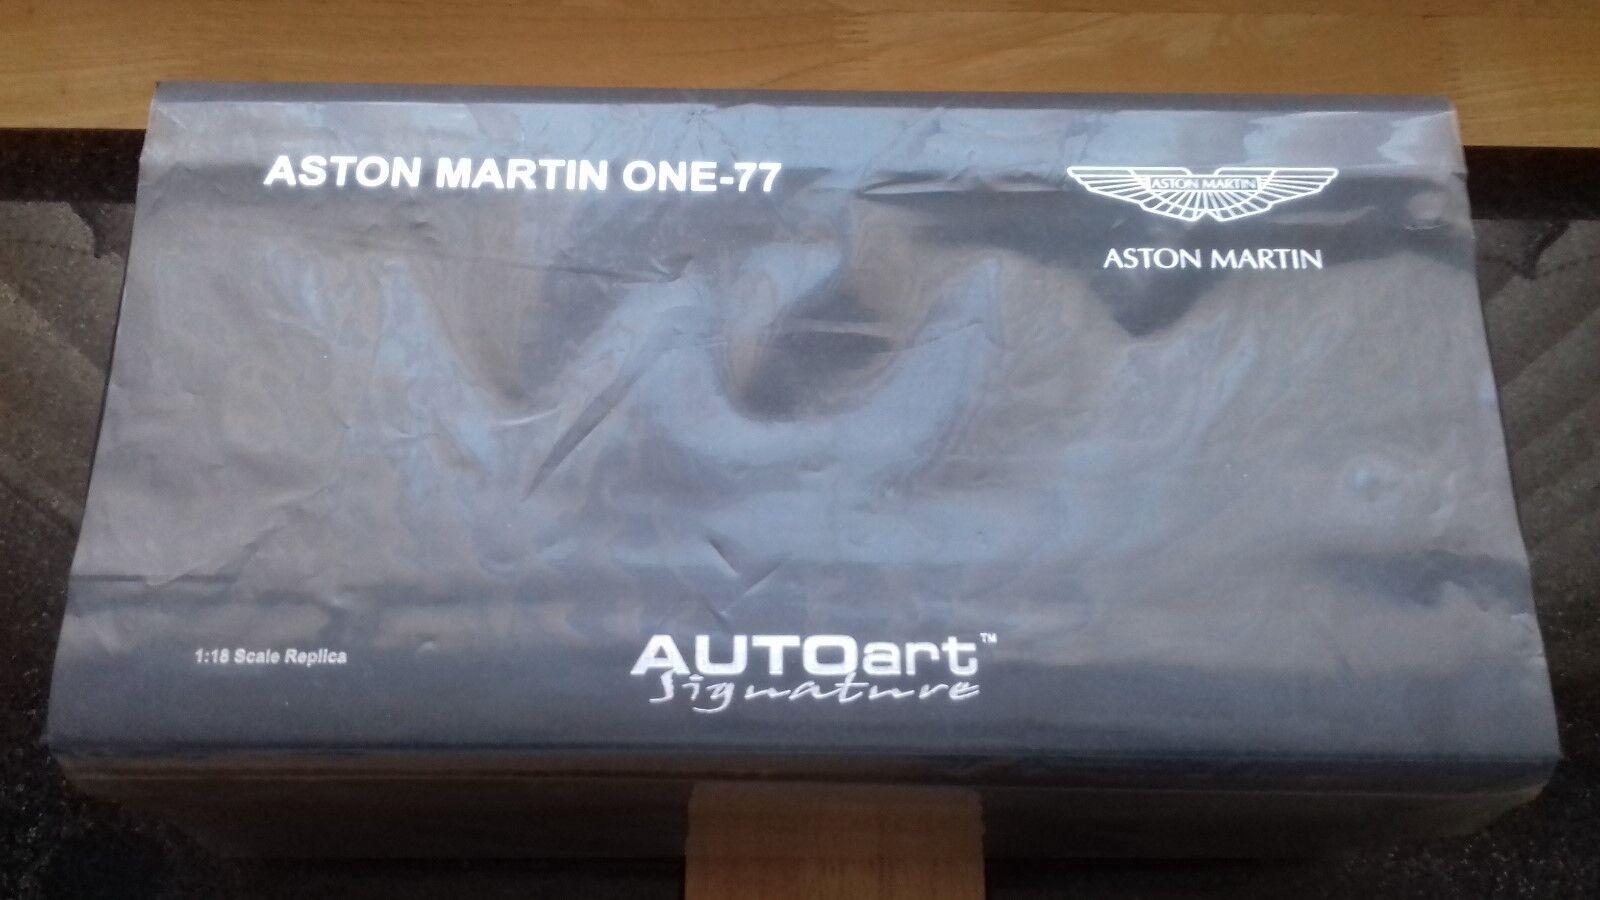 Autoart 1/18 ASTON MARTIN One-77 in grigio, difficile da trovare colore.